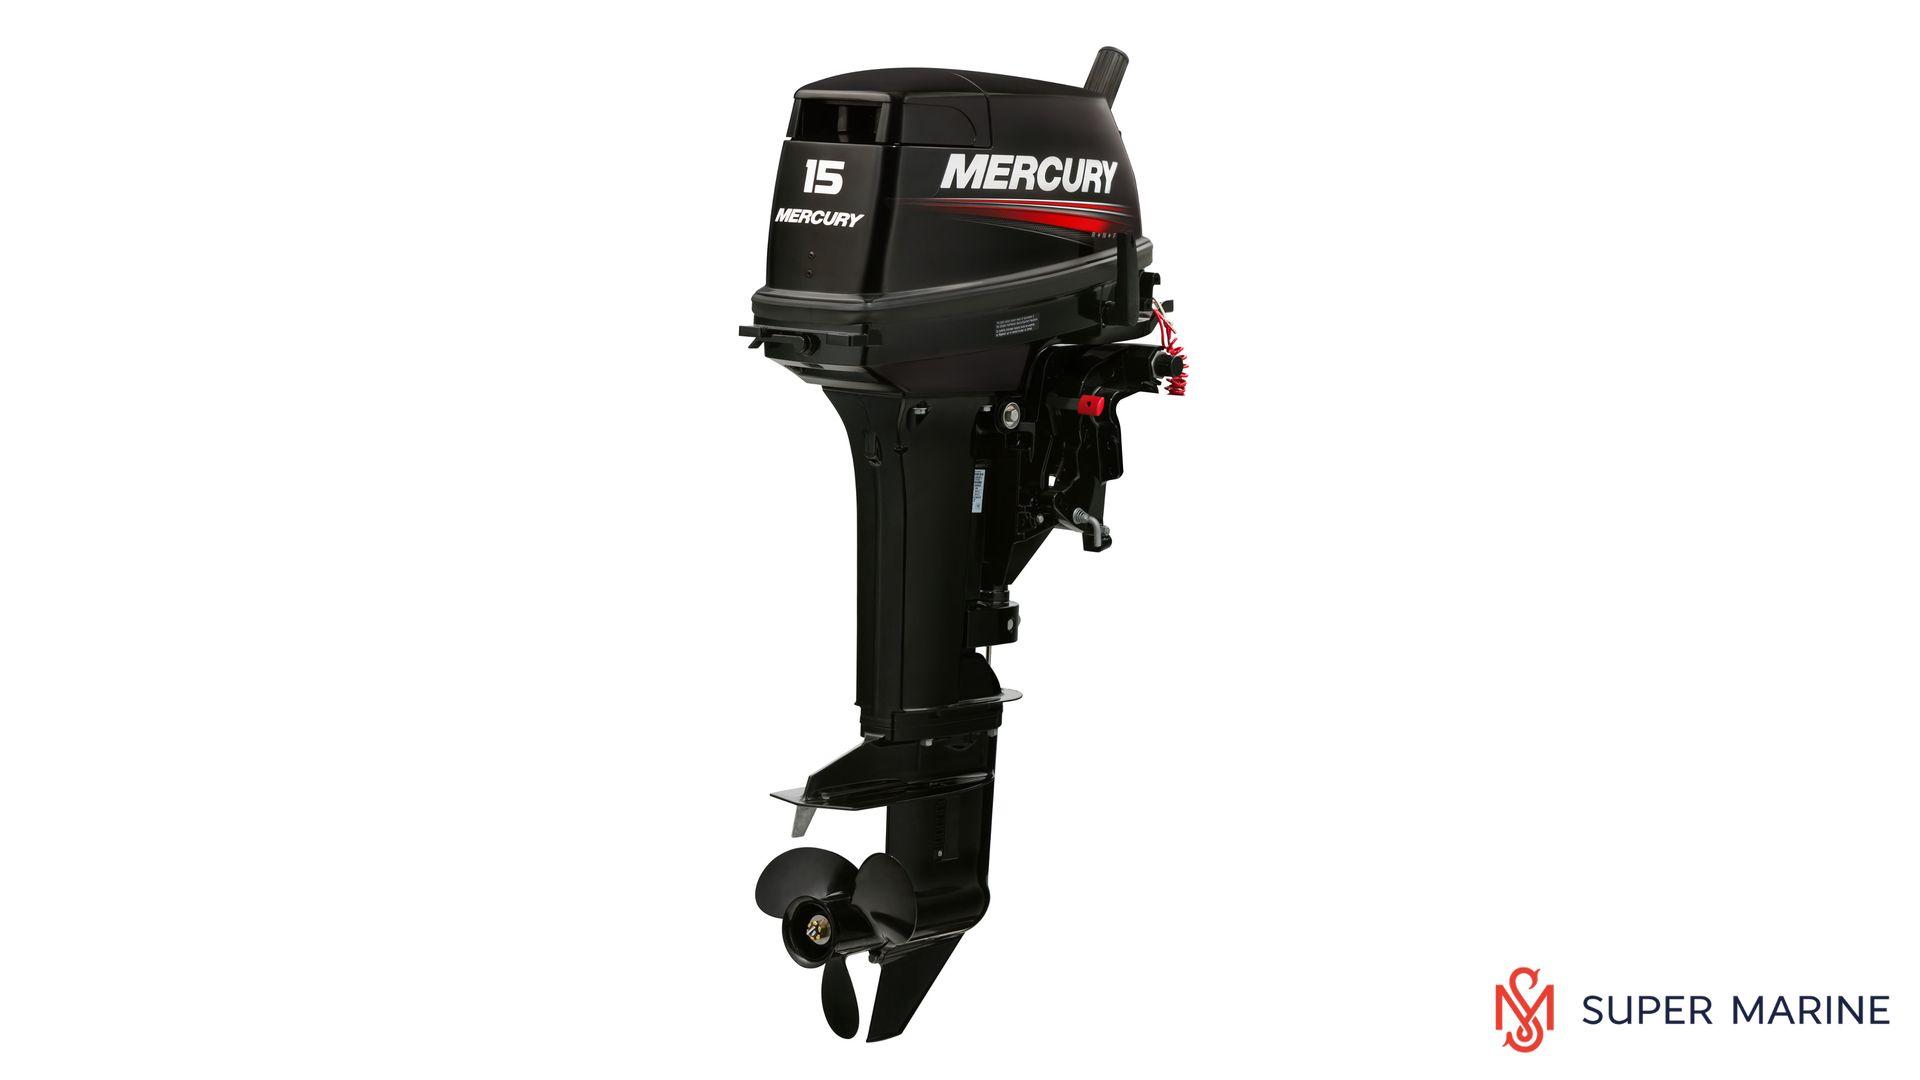 Двухтактный лодочный мотор MERCURY 15MLH 294CC - 1